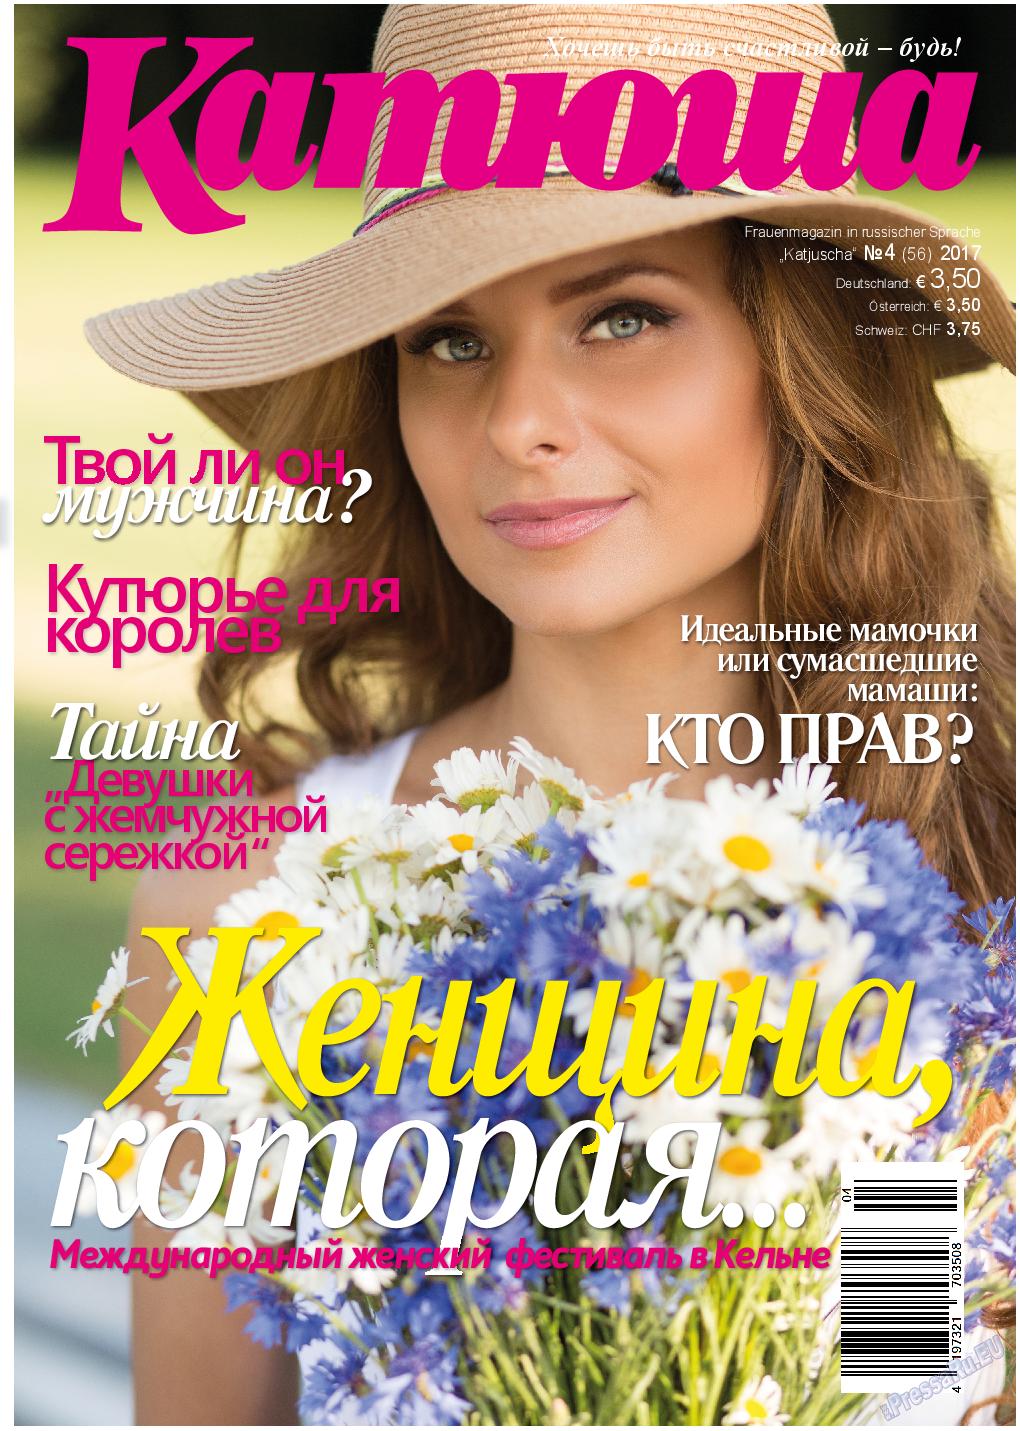 Катюша (журнал). 2017 год, номер 56, стр. 1